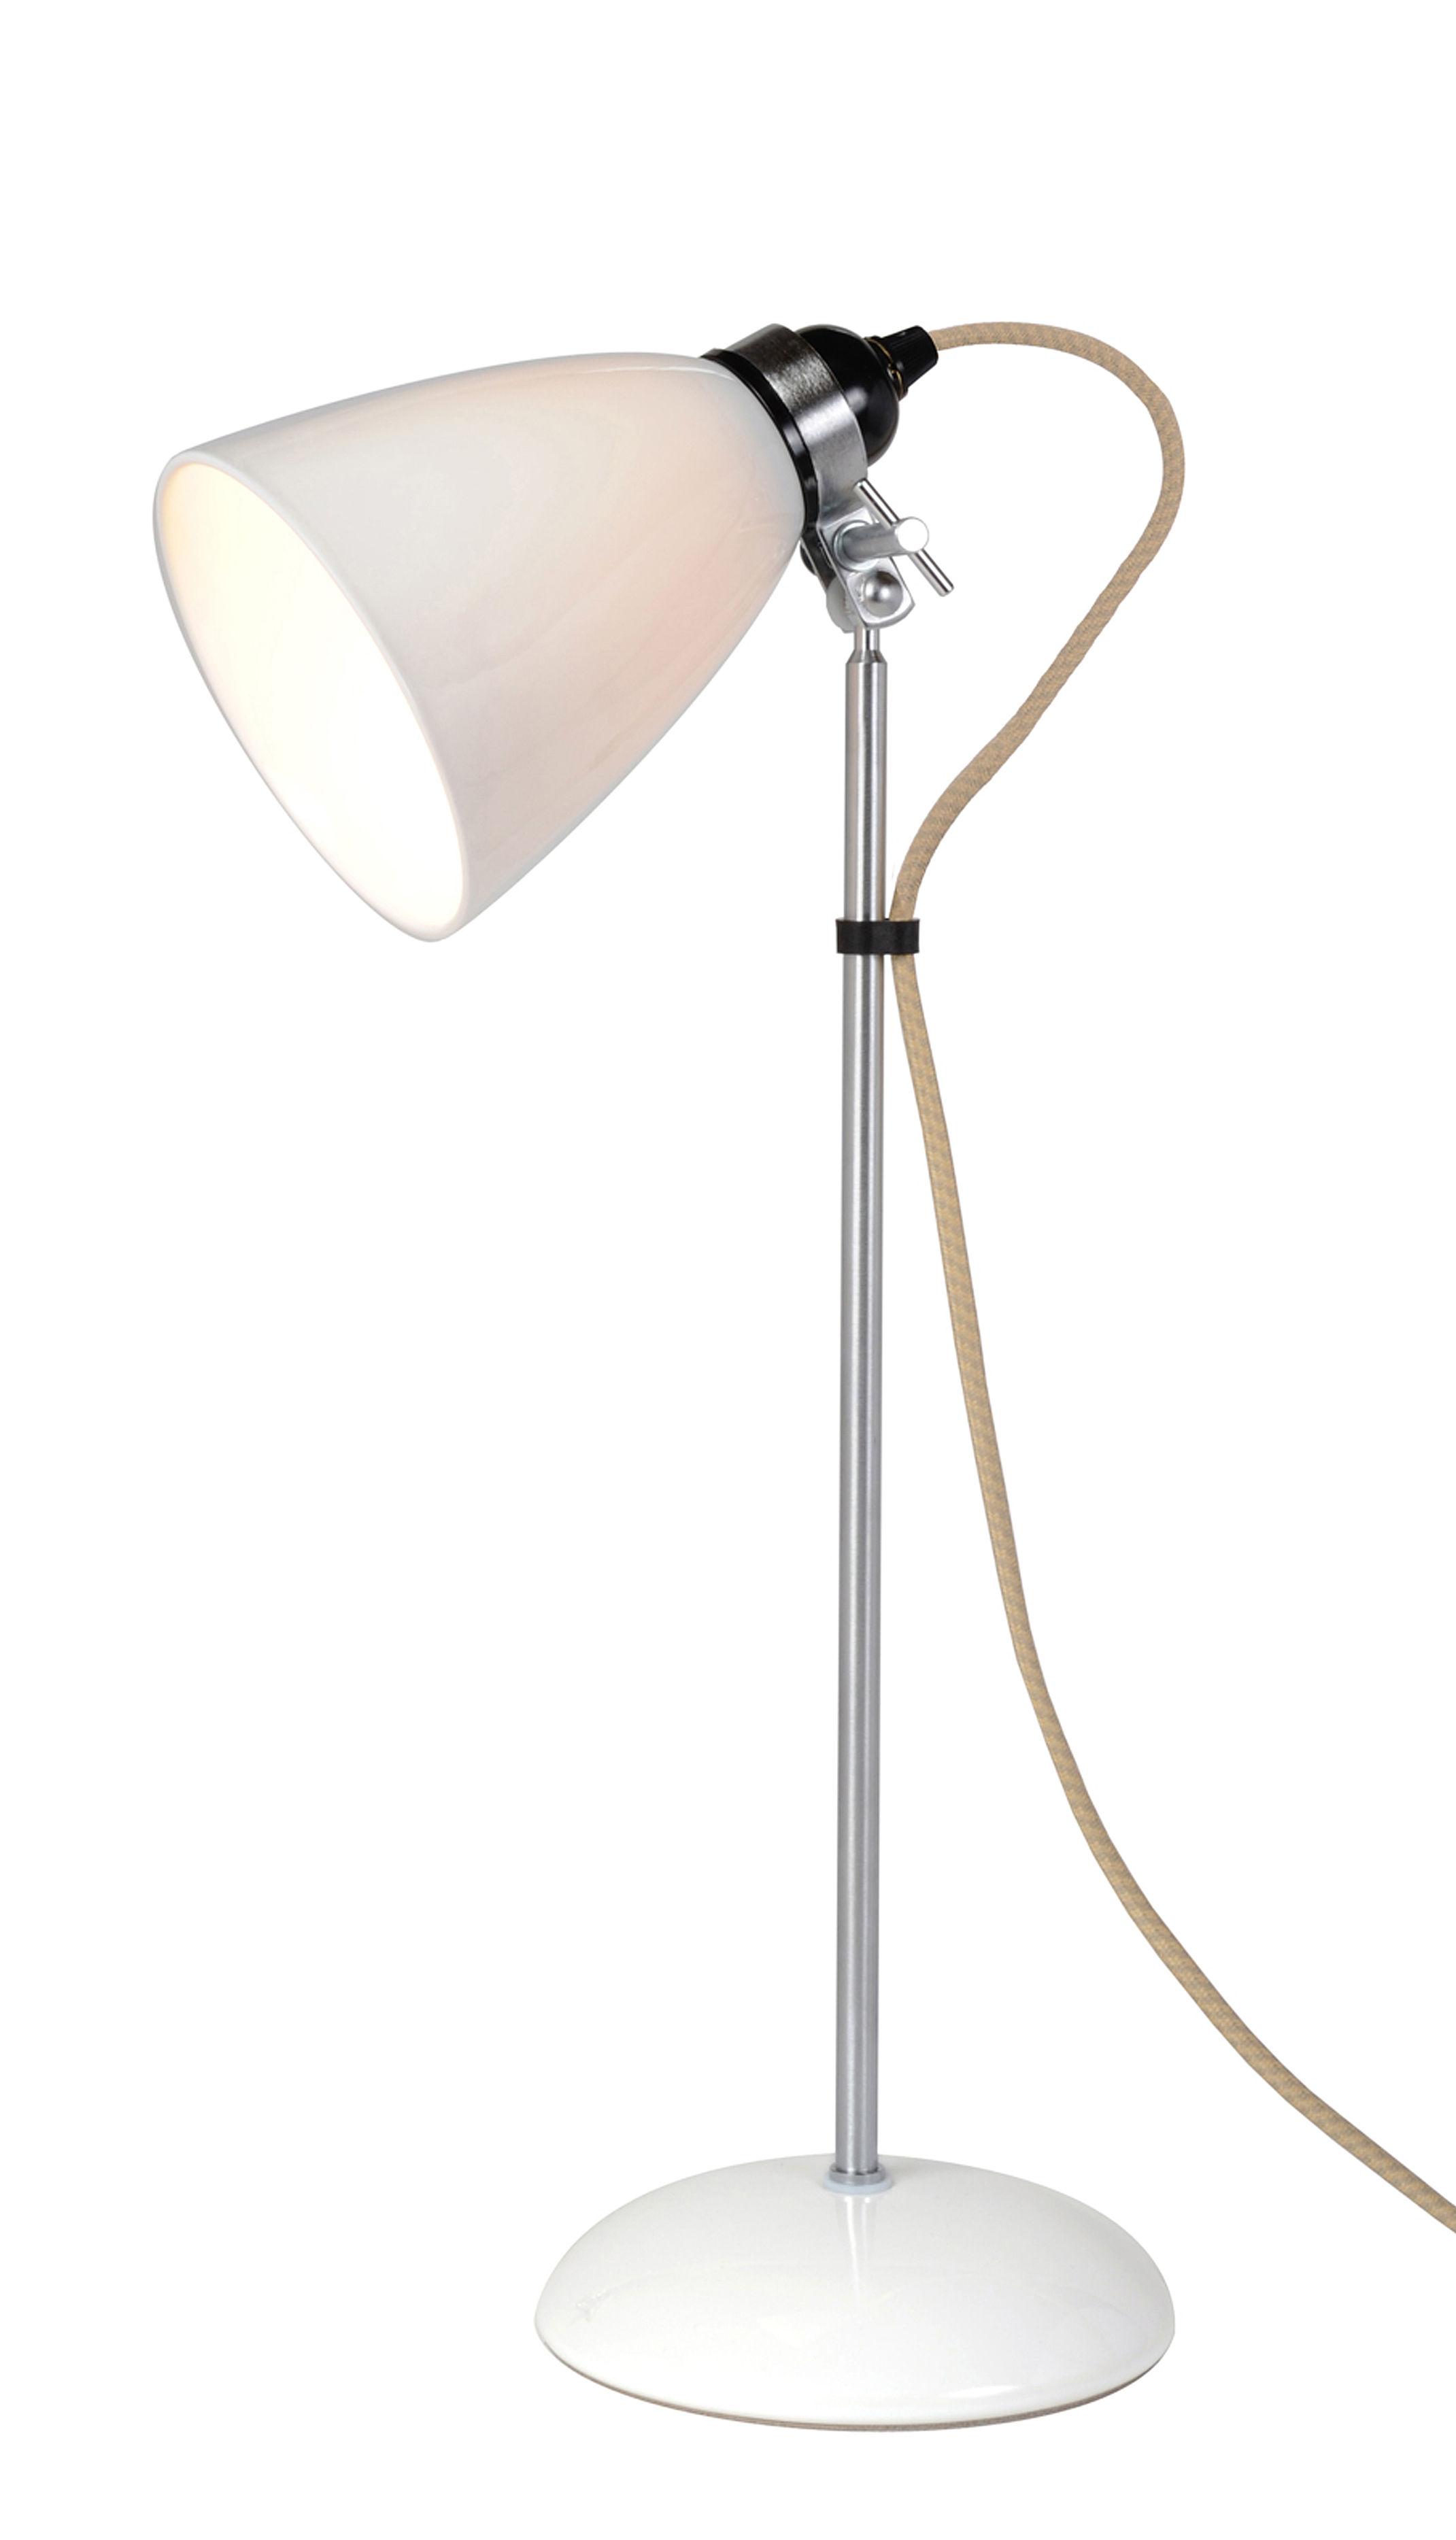 Luminaire - Lampes de table - Lampe de table Hector Dome / Medium - H 57 cm - Porcelaine lisse - Original BTC - H 57 cm (Madium) / Blanc - Métal chromé, Porcelaine